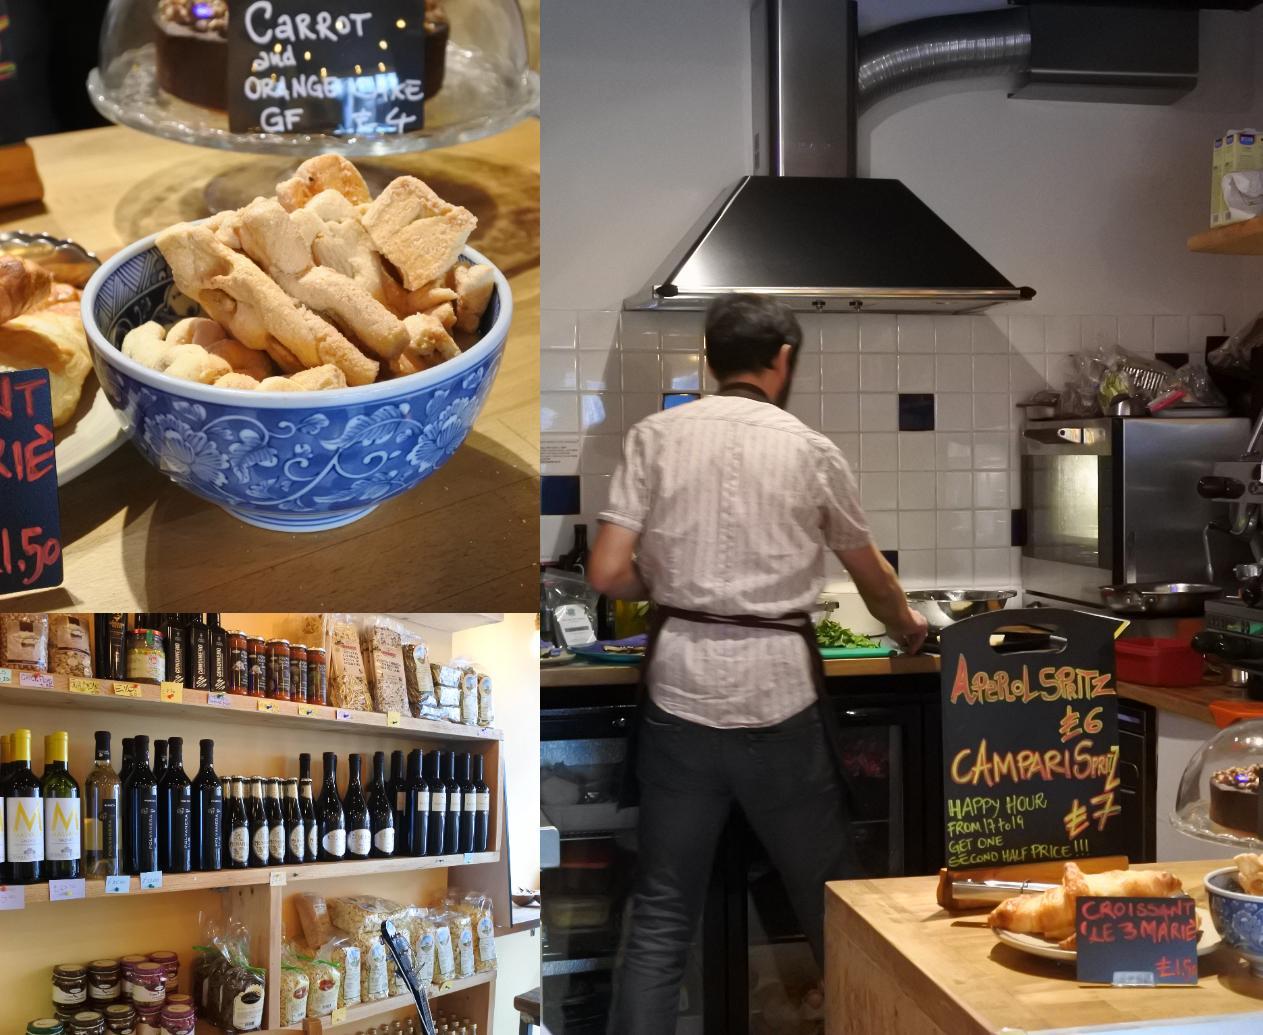 まるで家庭用キッチン ^^  左上はカウンターの上に置いてあったお菓子。店内ではイタリア食材も売ってます(左下)